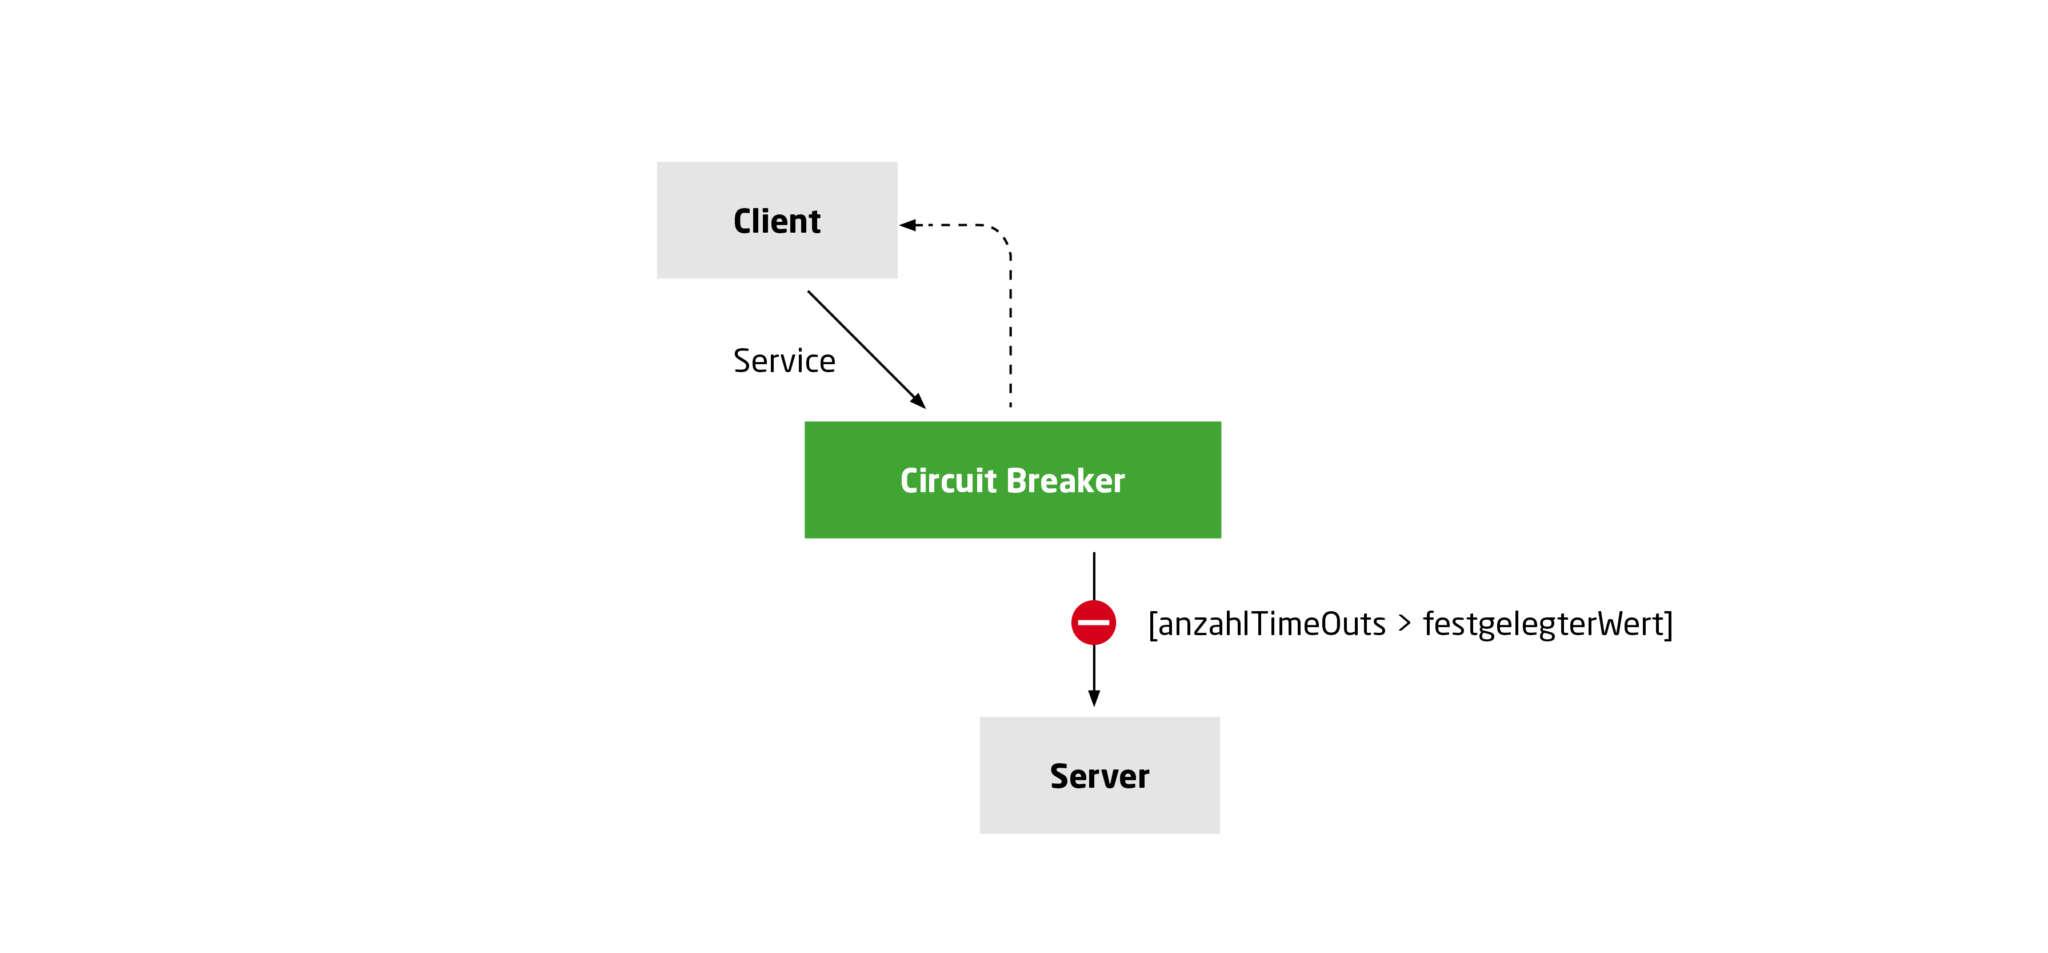 Szenario 1: Circuit Breaker beantwortet Client-Anfragen (Sicherung ausgelöst)